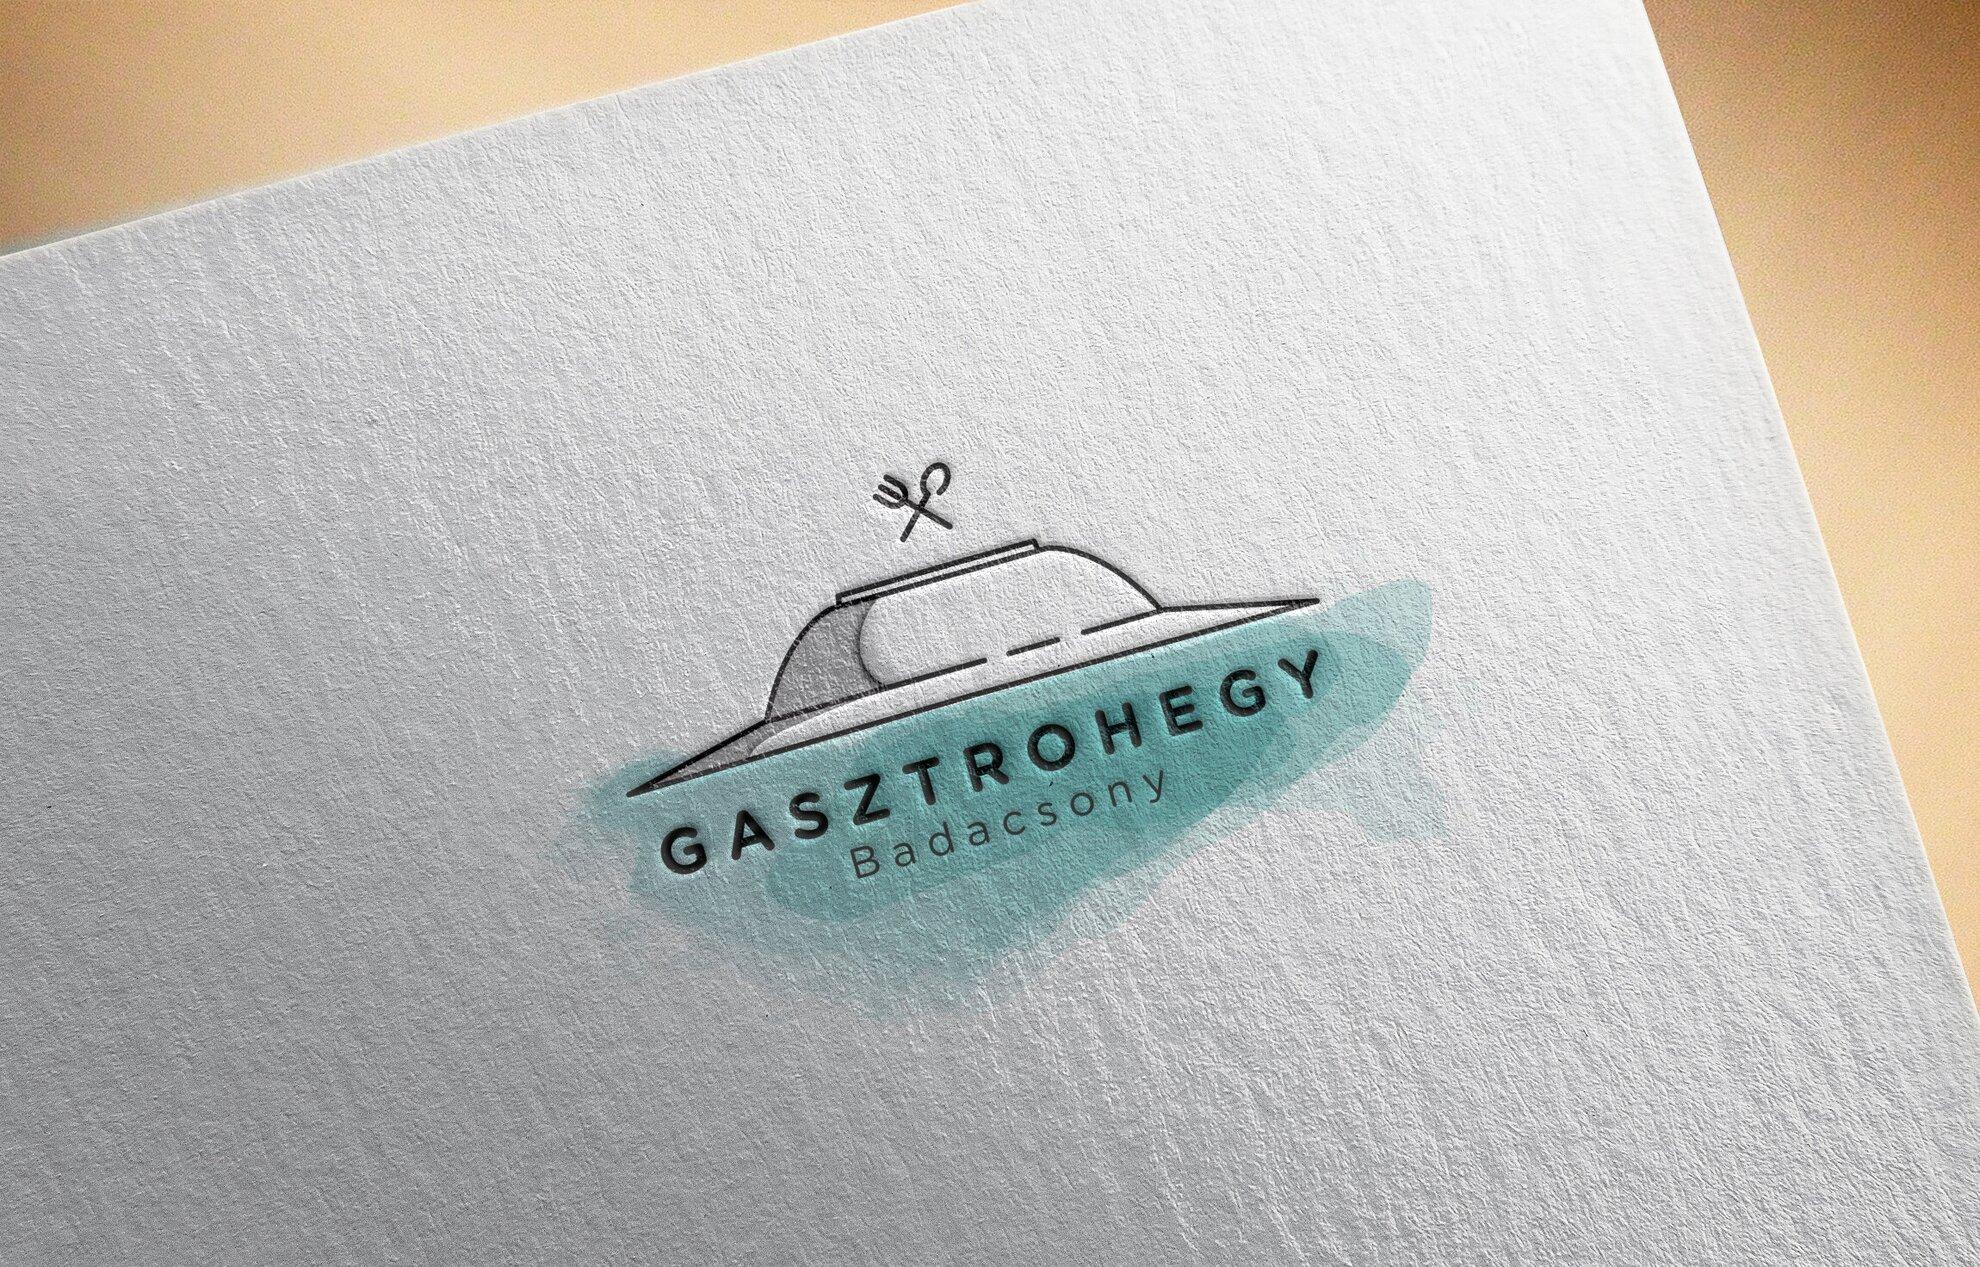 Gasztrohegy